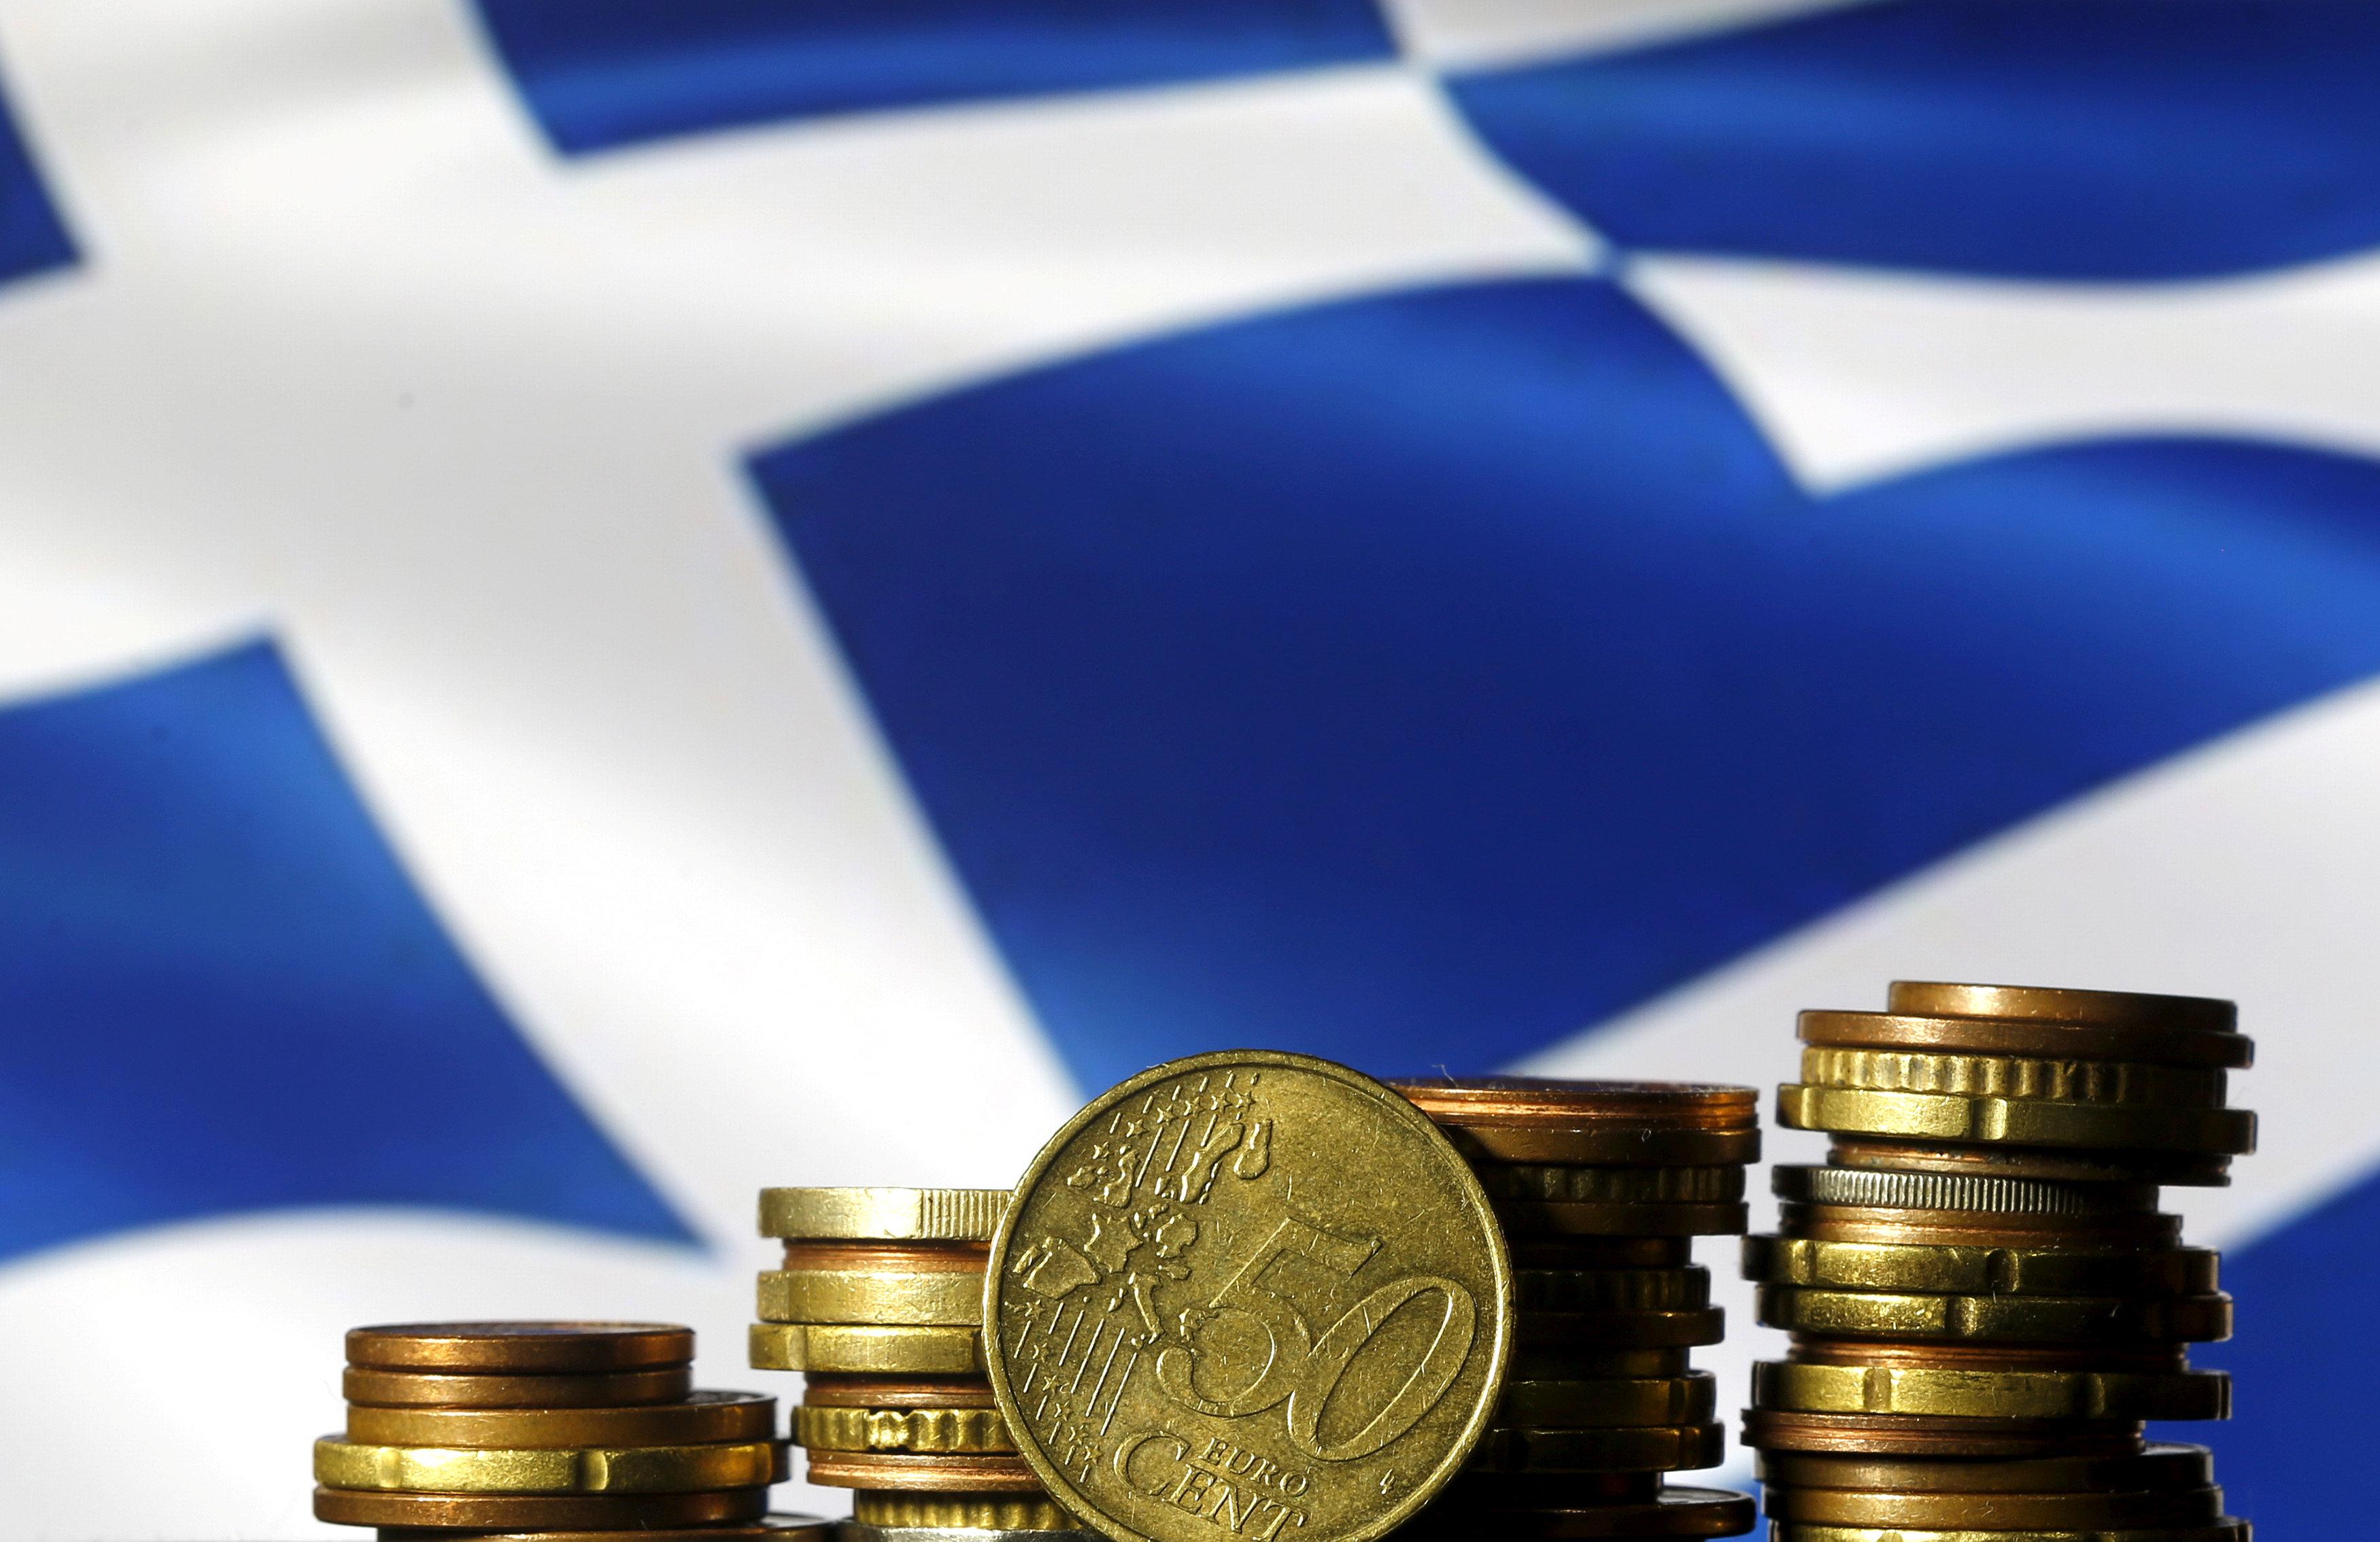 Κορονοϊός – ΟΟΣΑ: Ευνοϊκή η τάση του ελληνικού χρέους έως το 2060 παρά την πανδημία